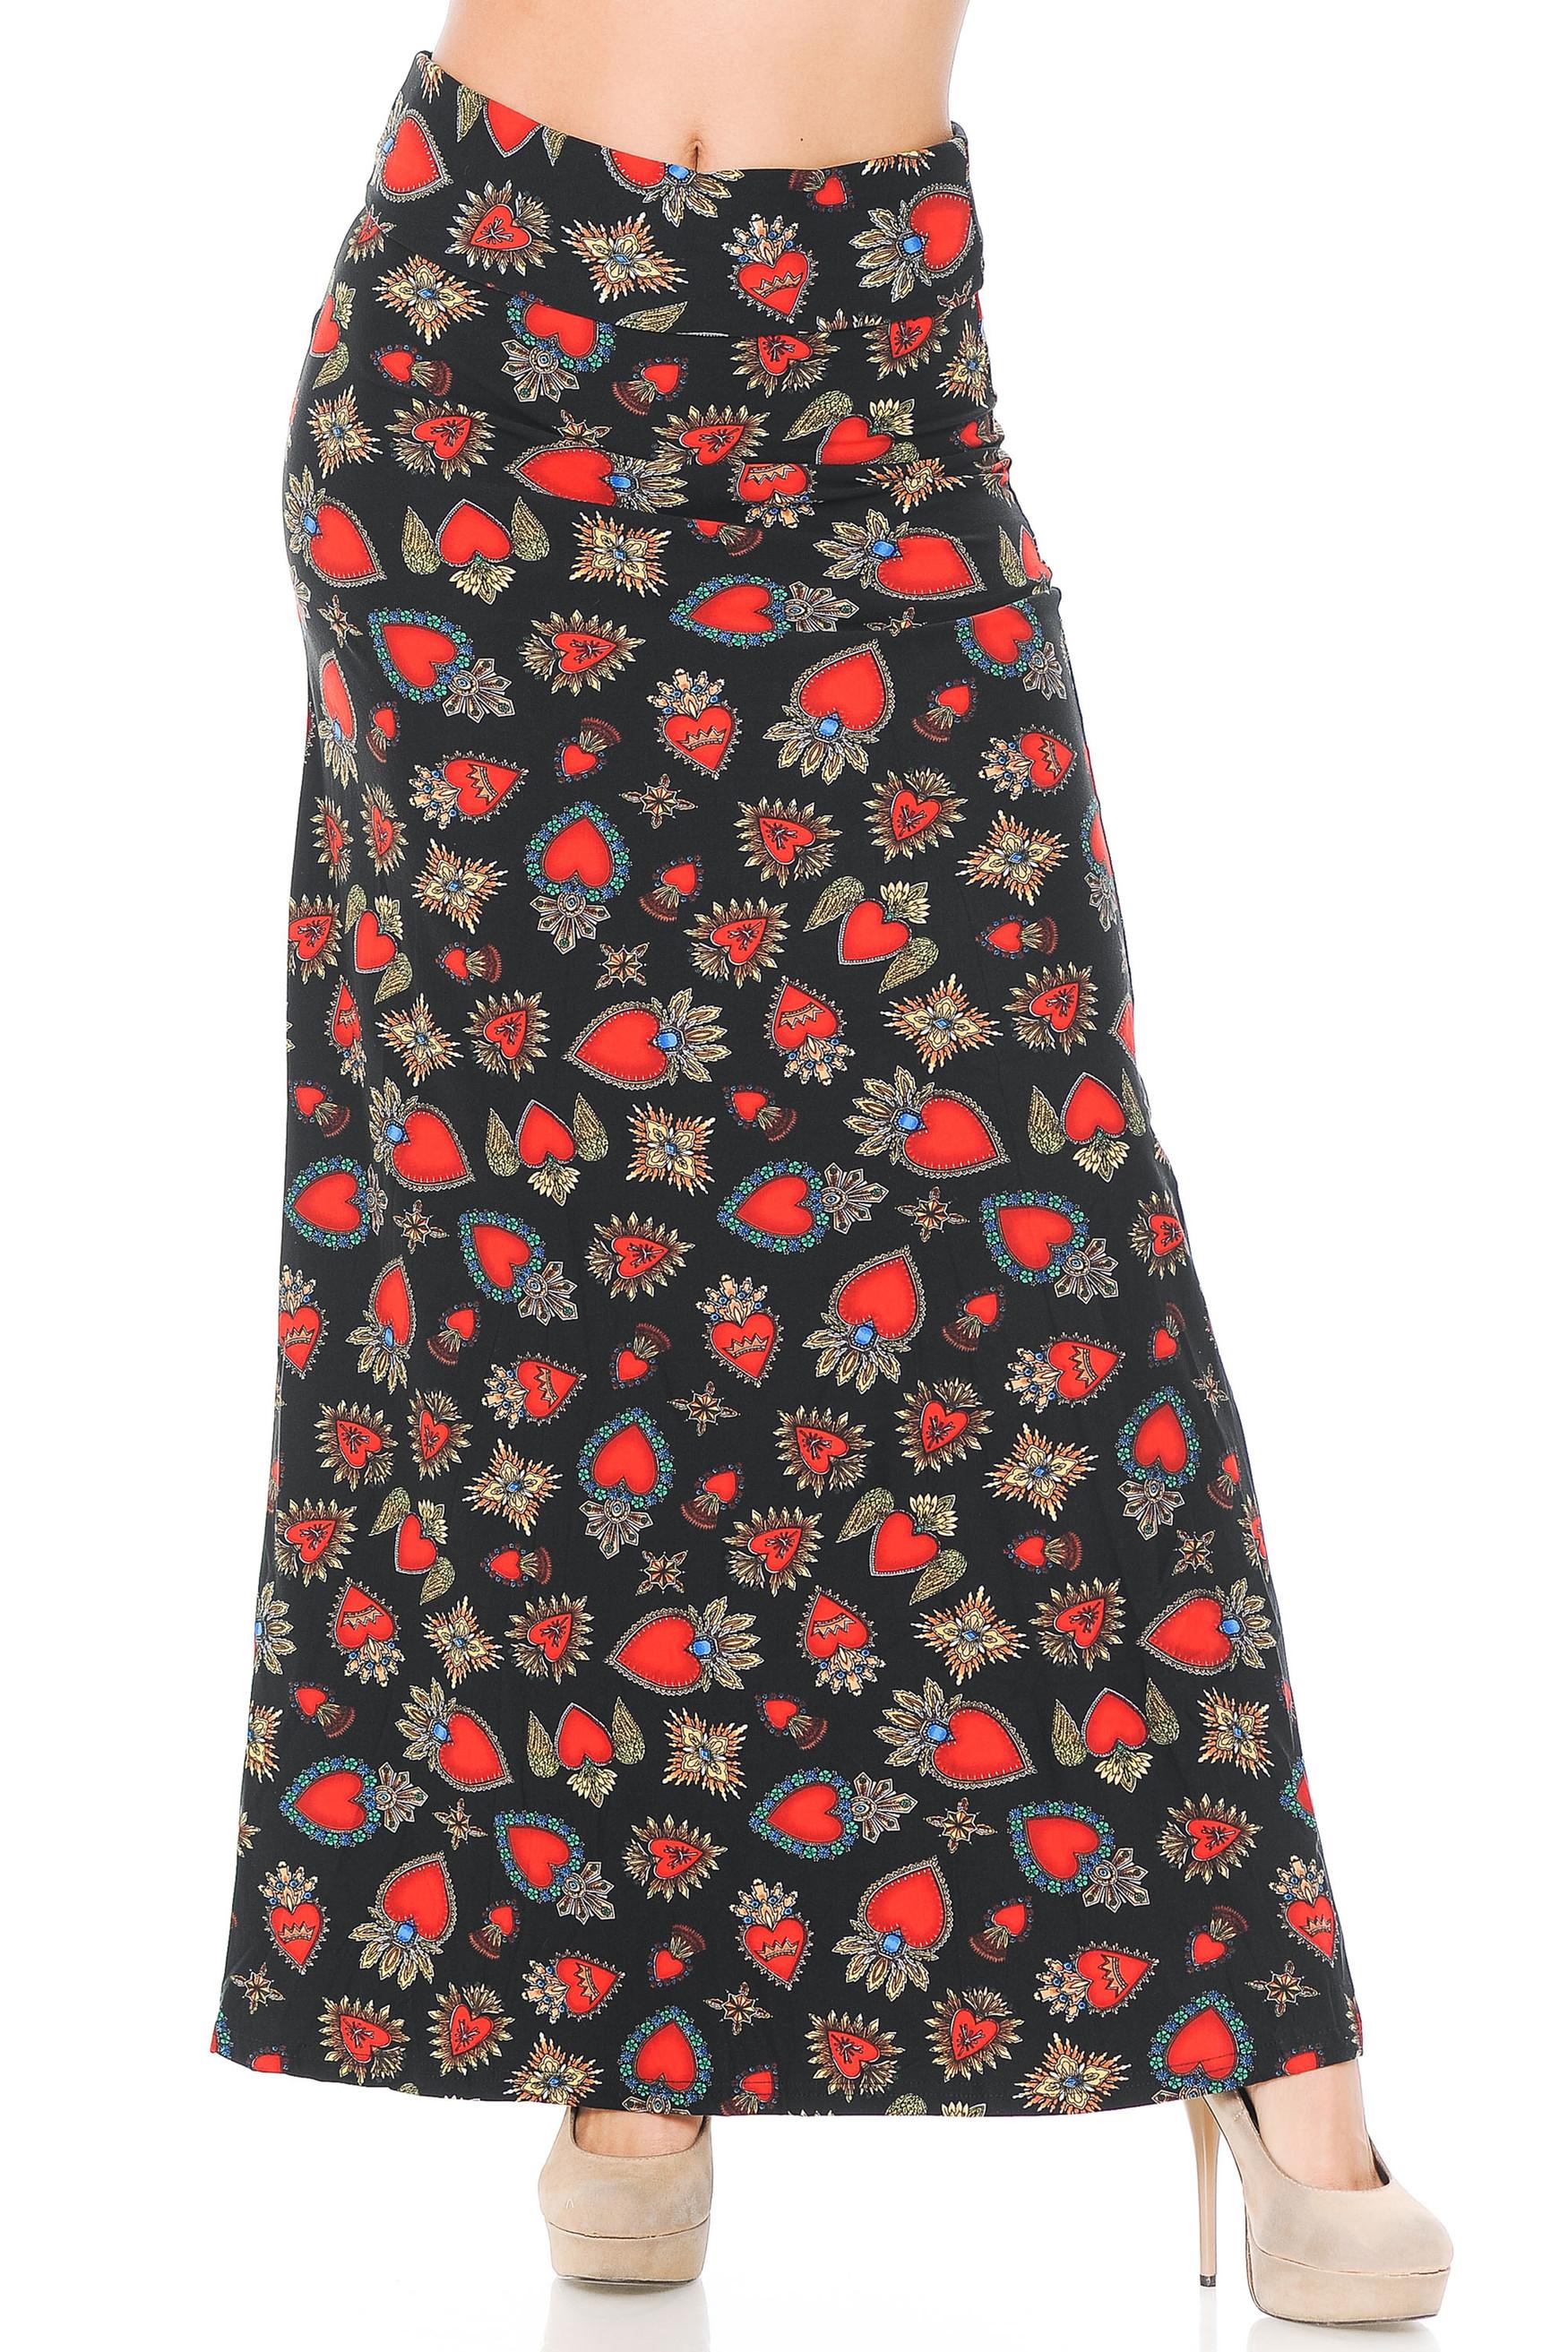 Brushed Jeweled Hearts Maxi Skirt